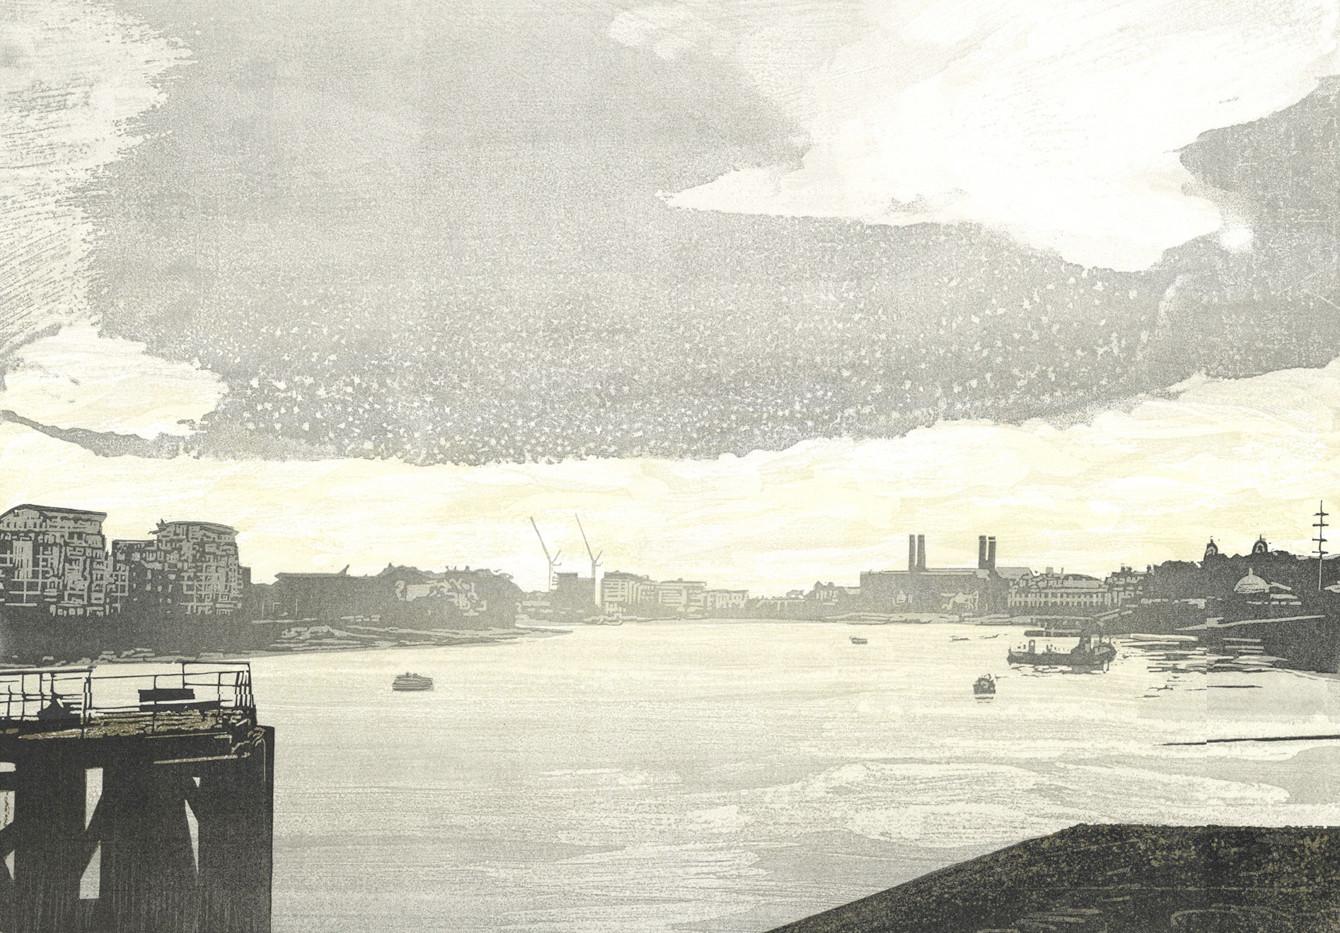 Dockyard - east